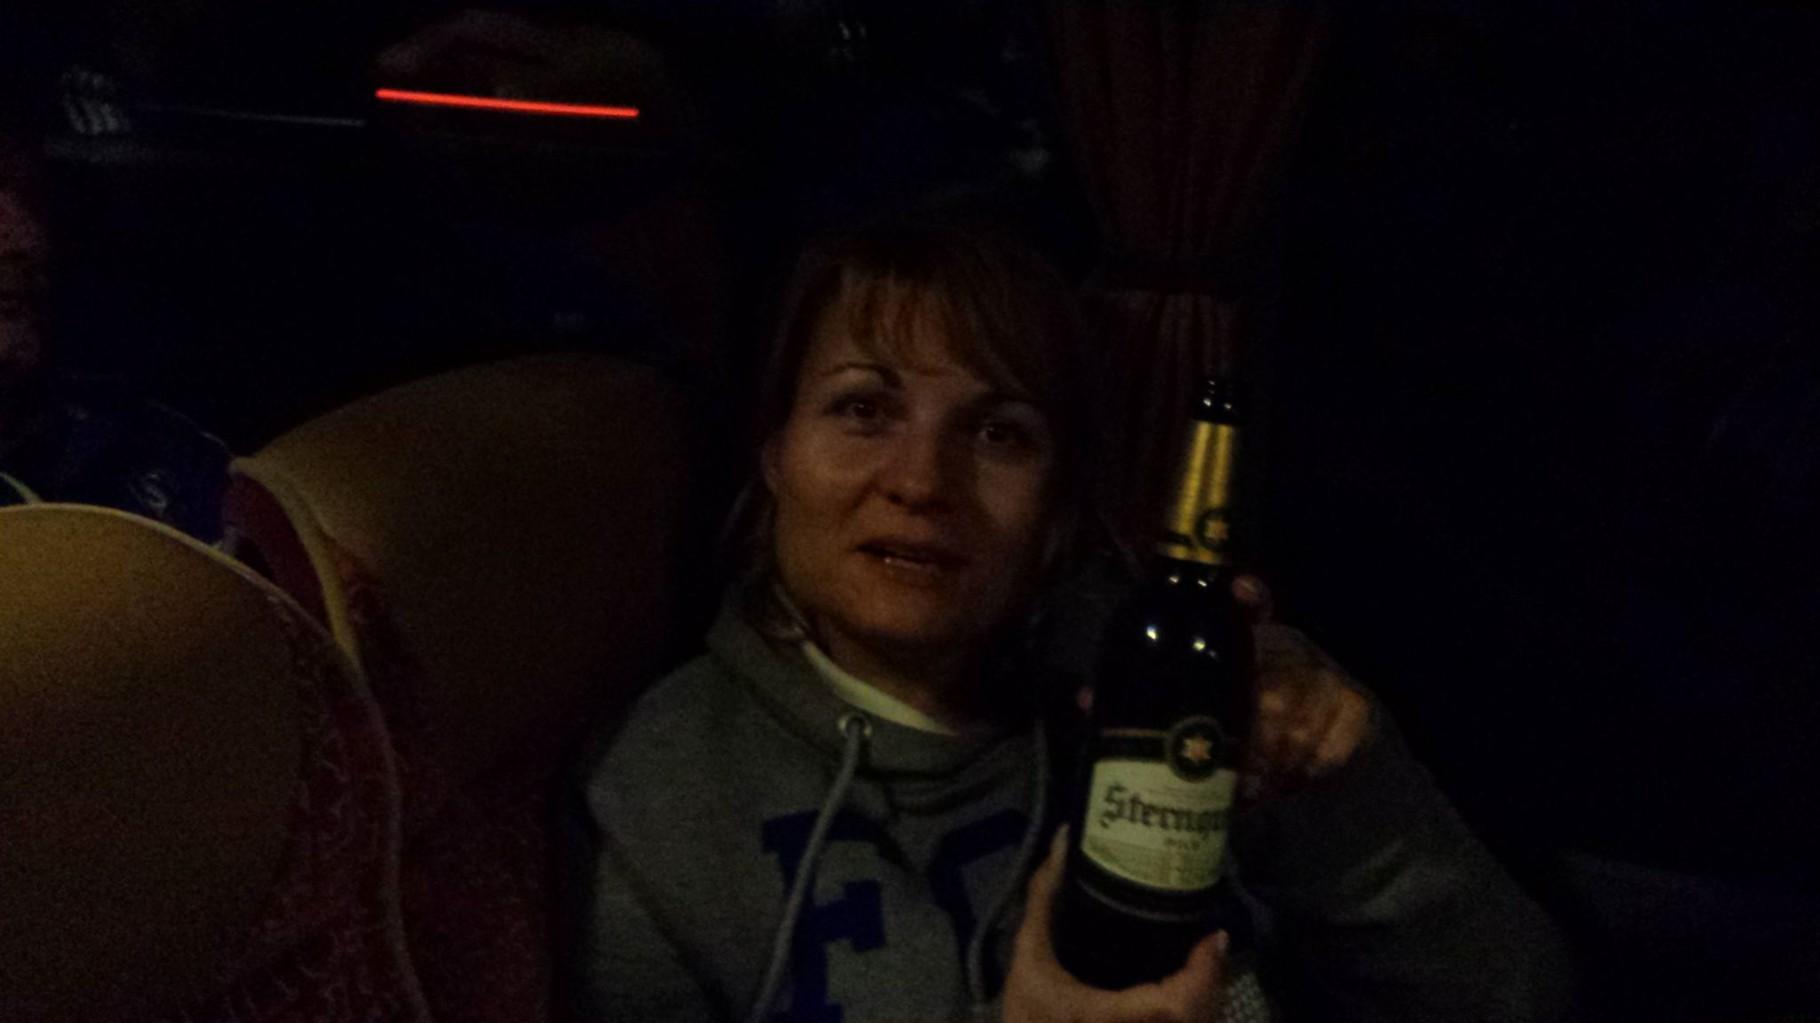 Plauner trinken Sternquell